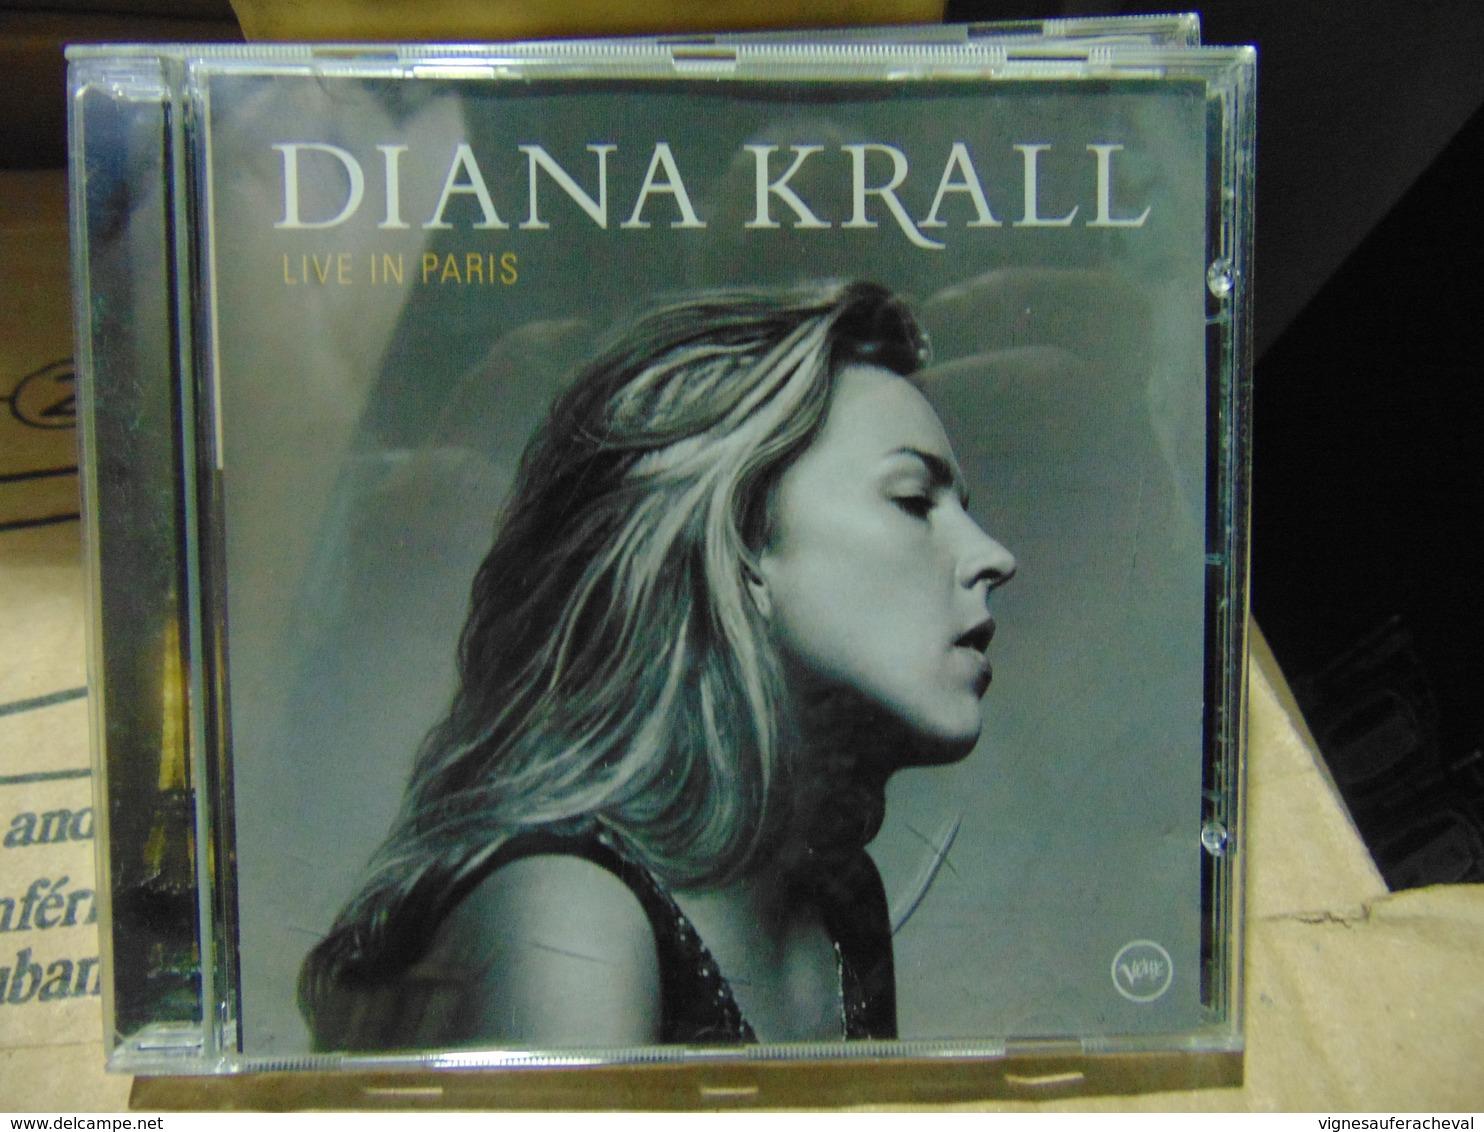 Diana Krall- Live In Paris - Jazz